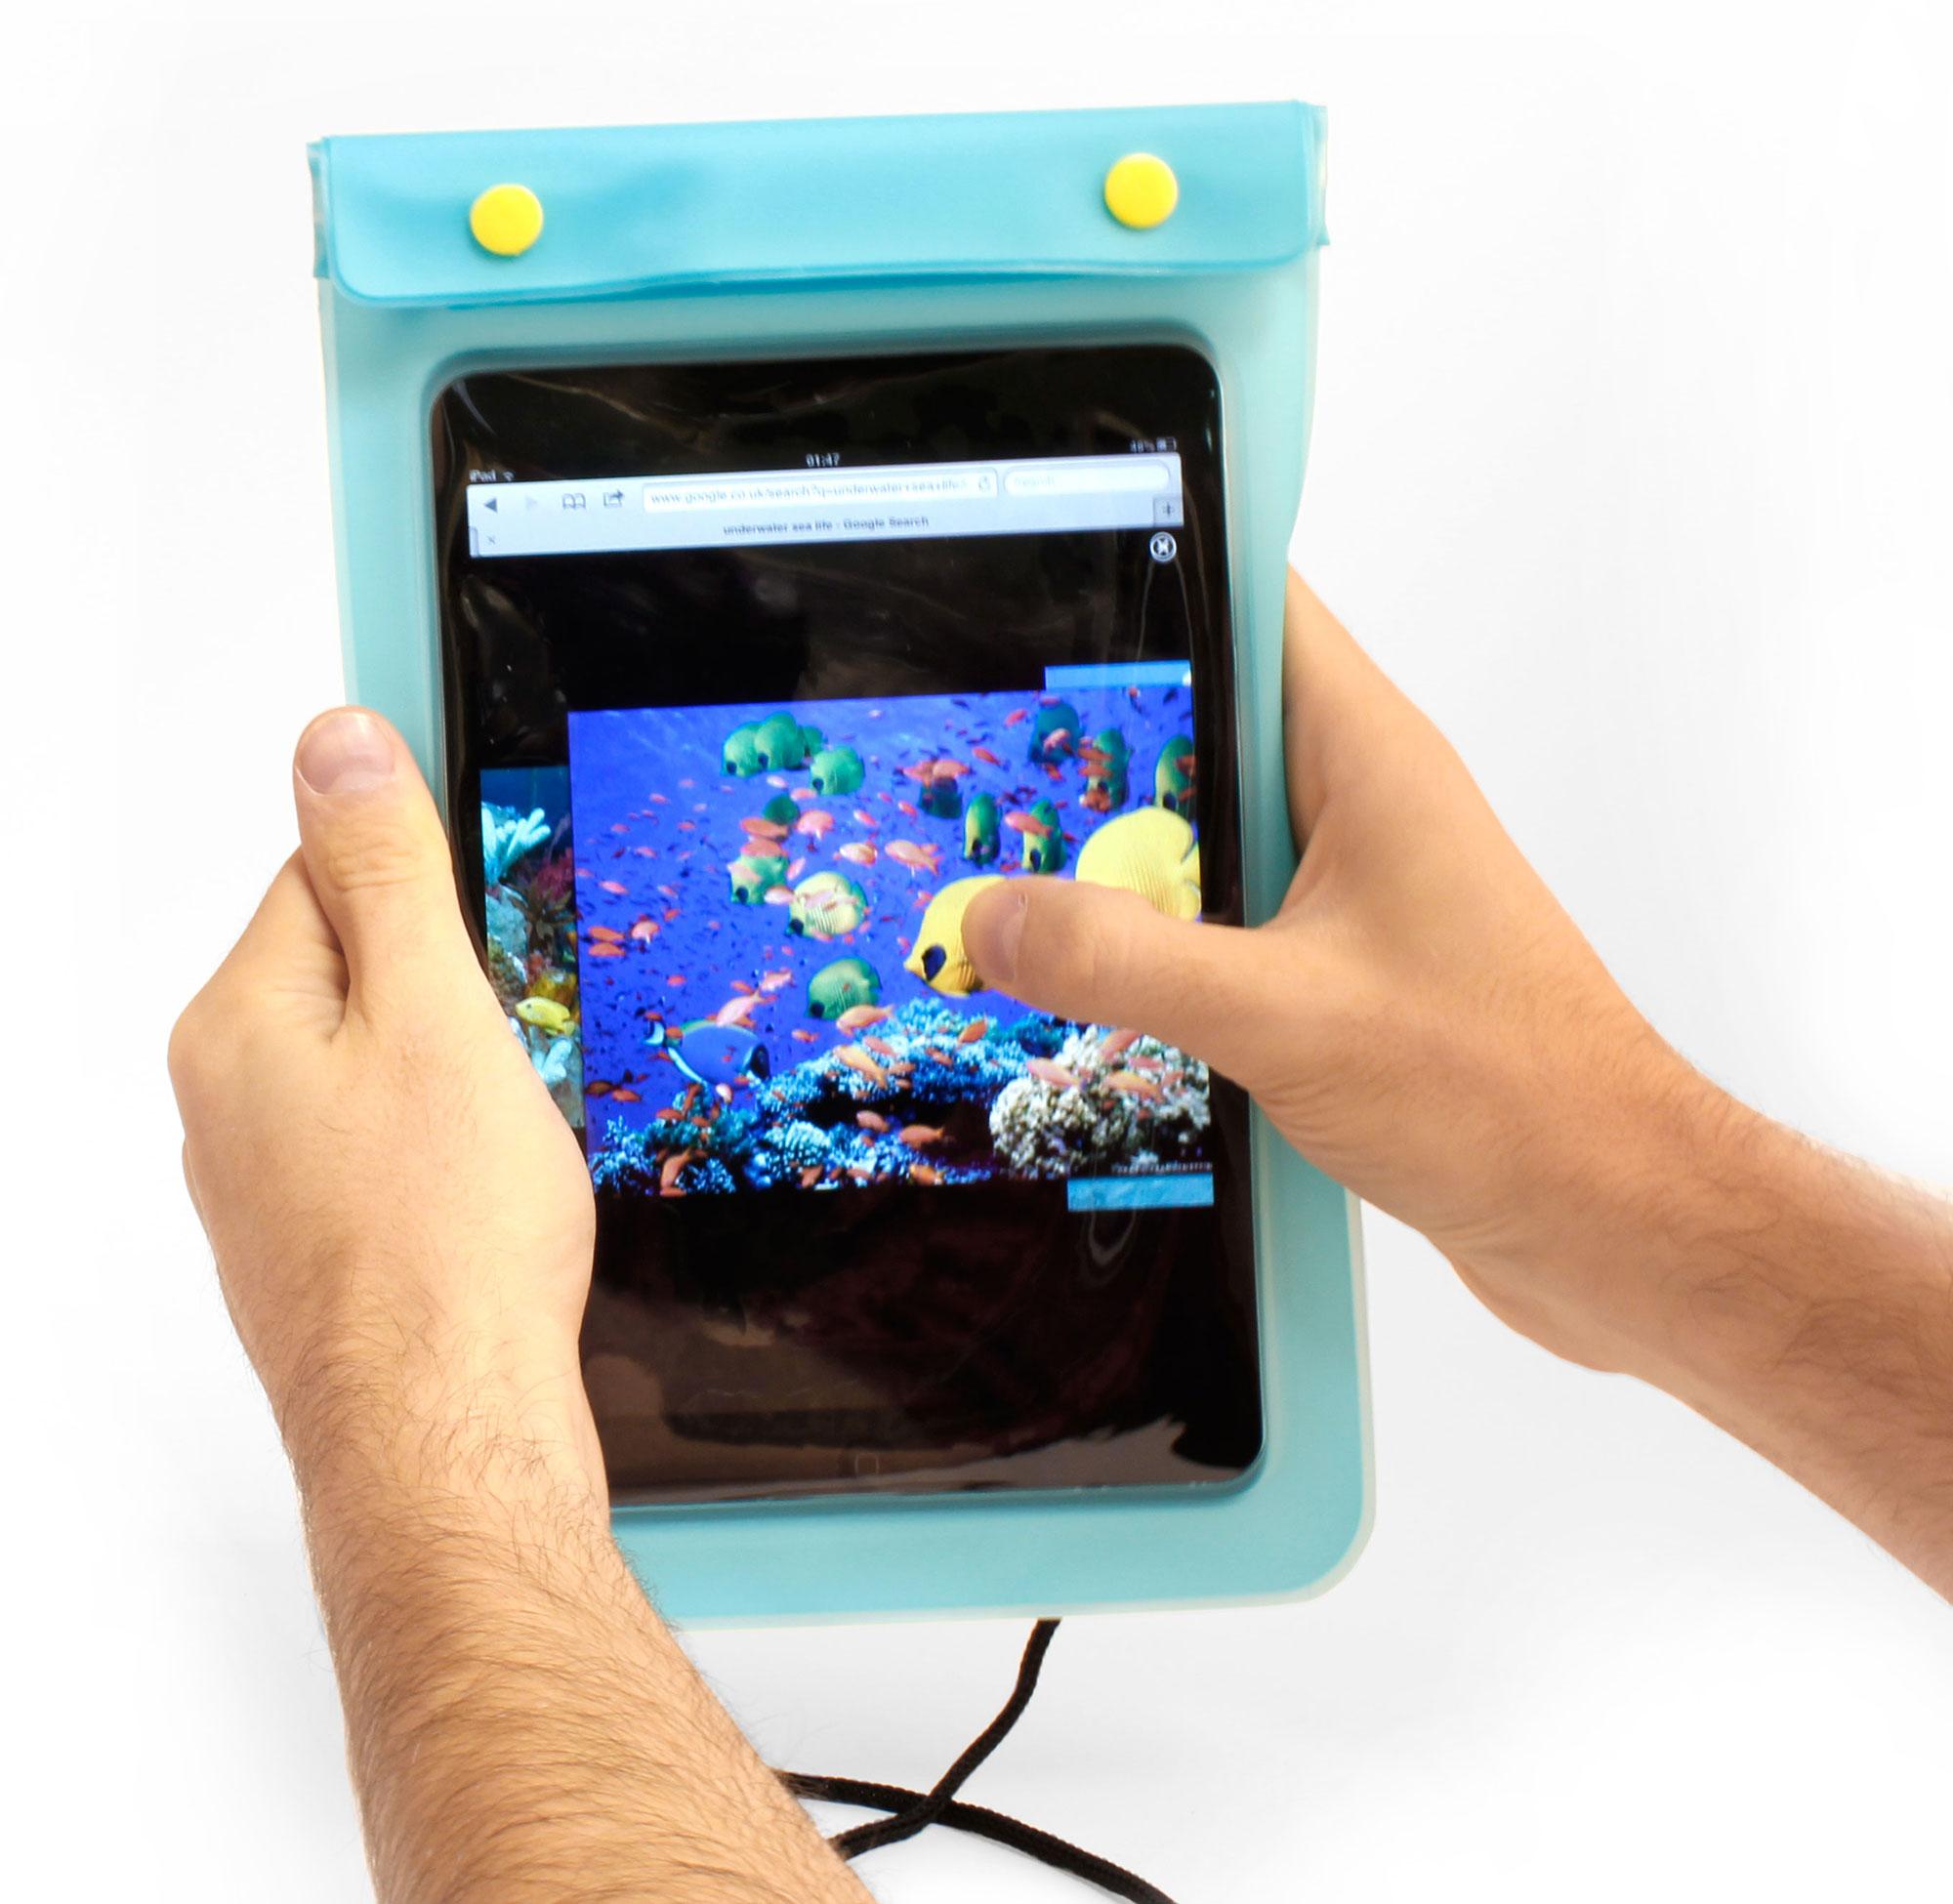 etui housse tanche bandouli re pour tablette lazer eco 7 pouces auchan ebay. Black Bedroom Furniture Sets. Home Design Ideas